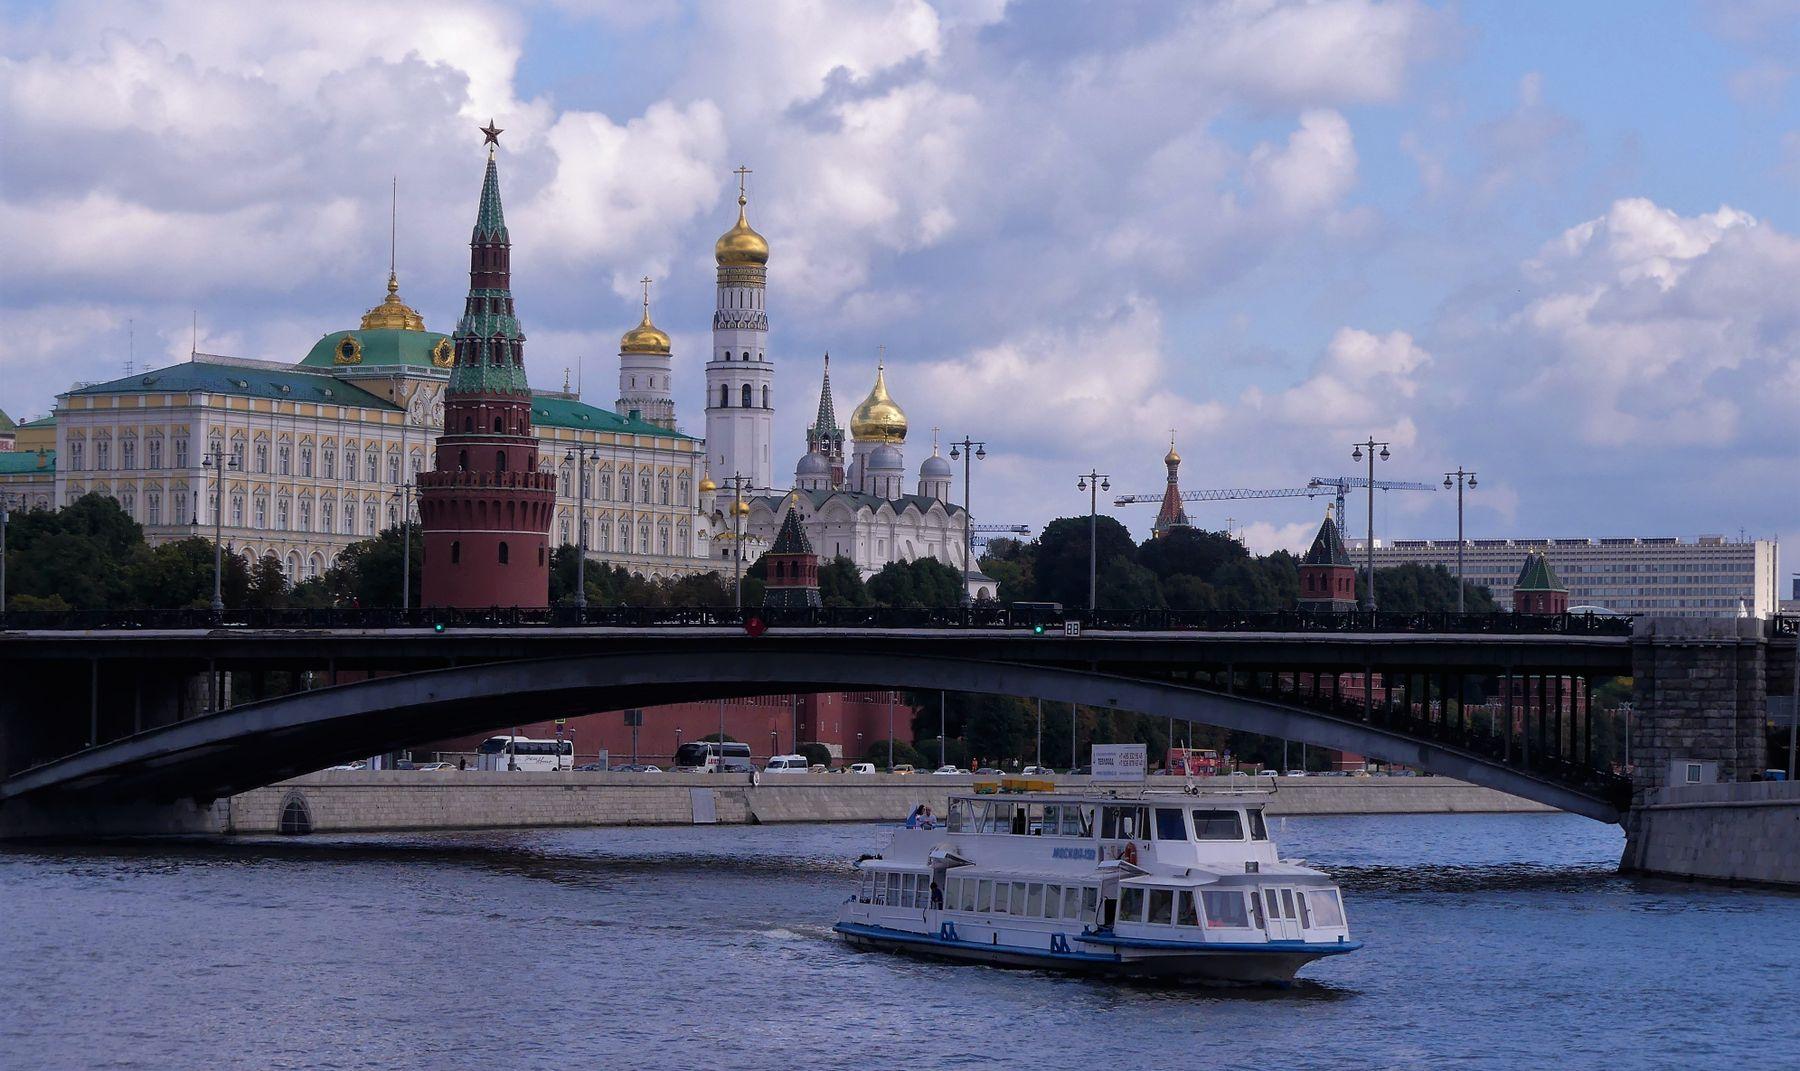 Москва златоглавая Москва храмы башни Кремля